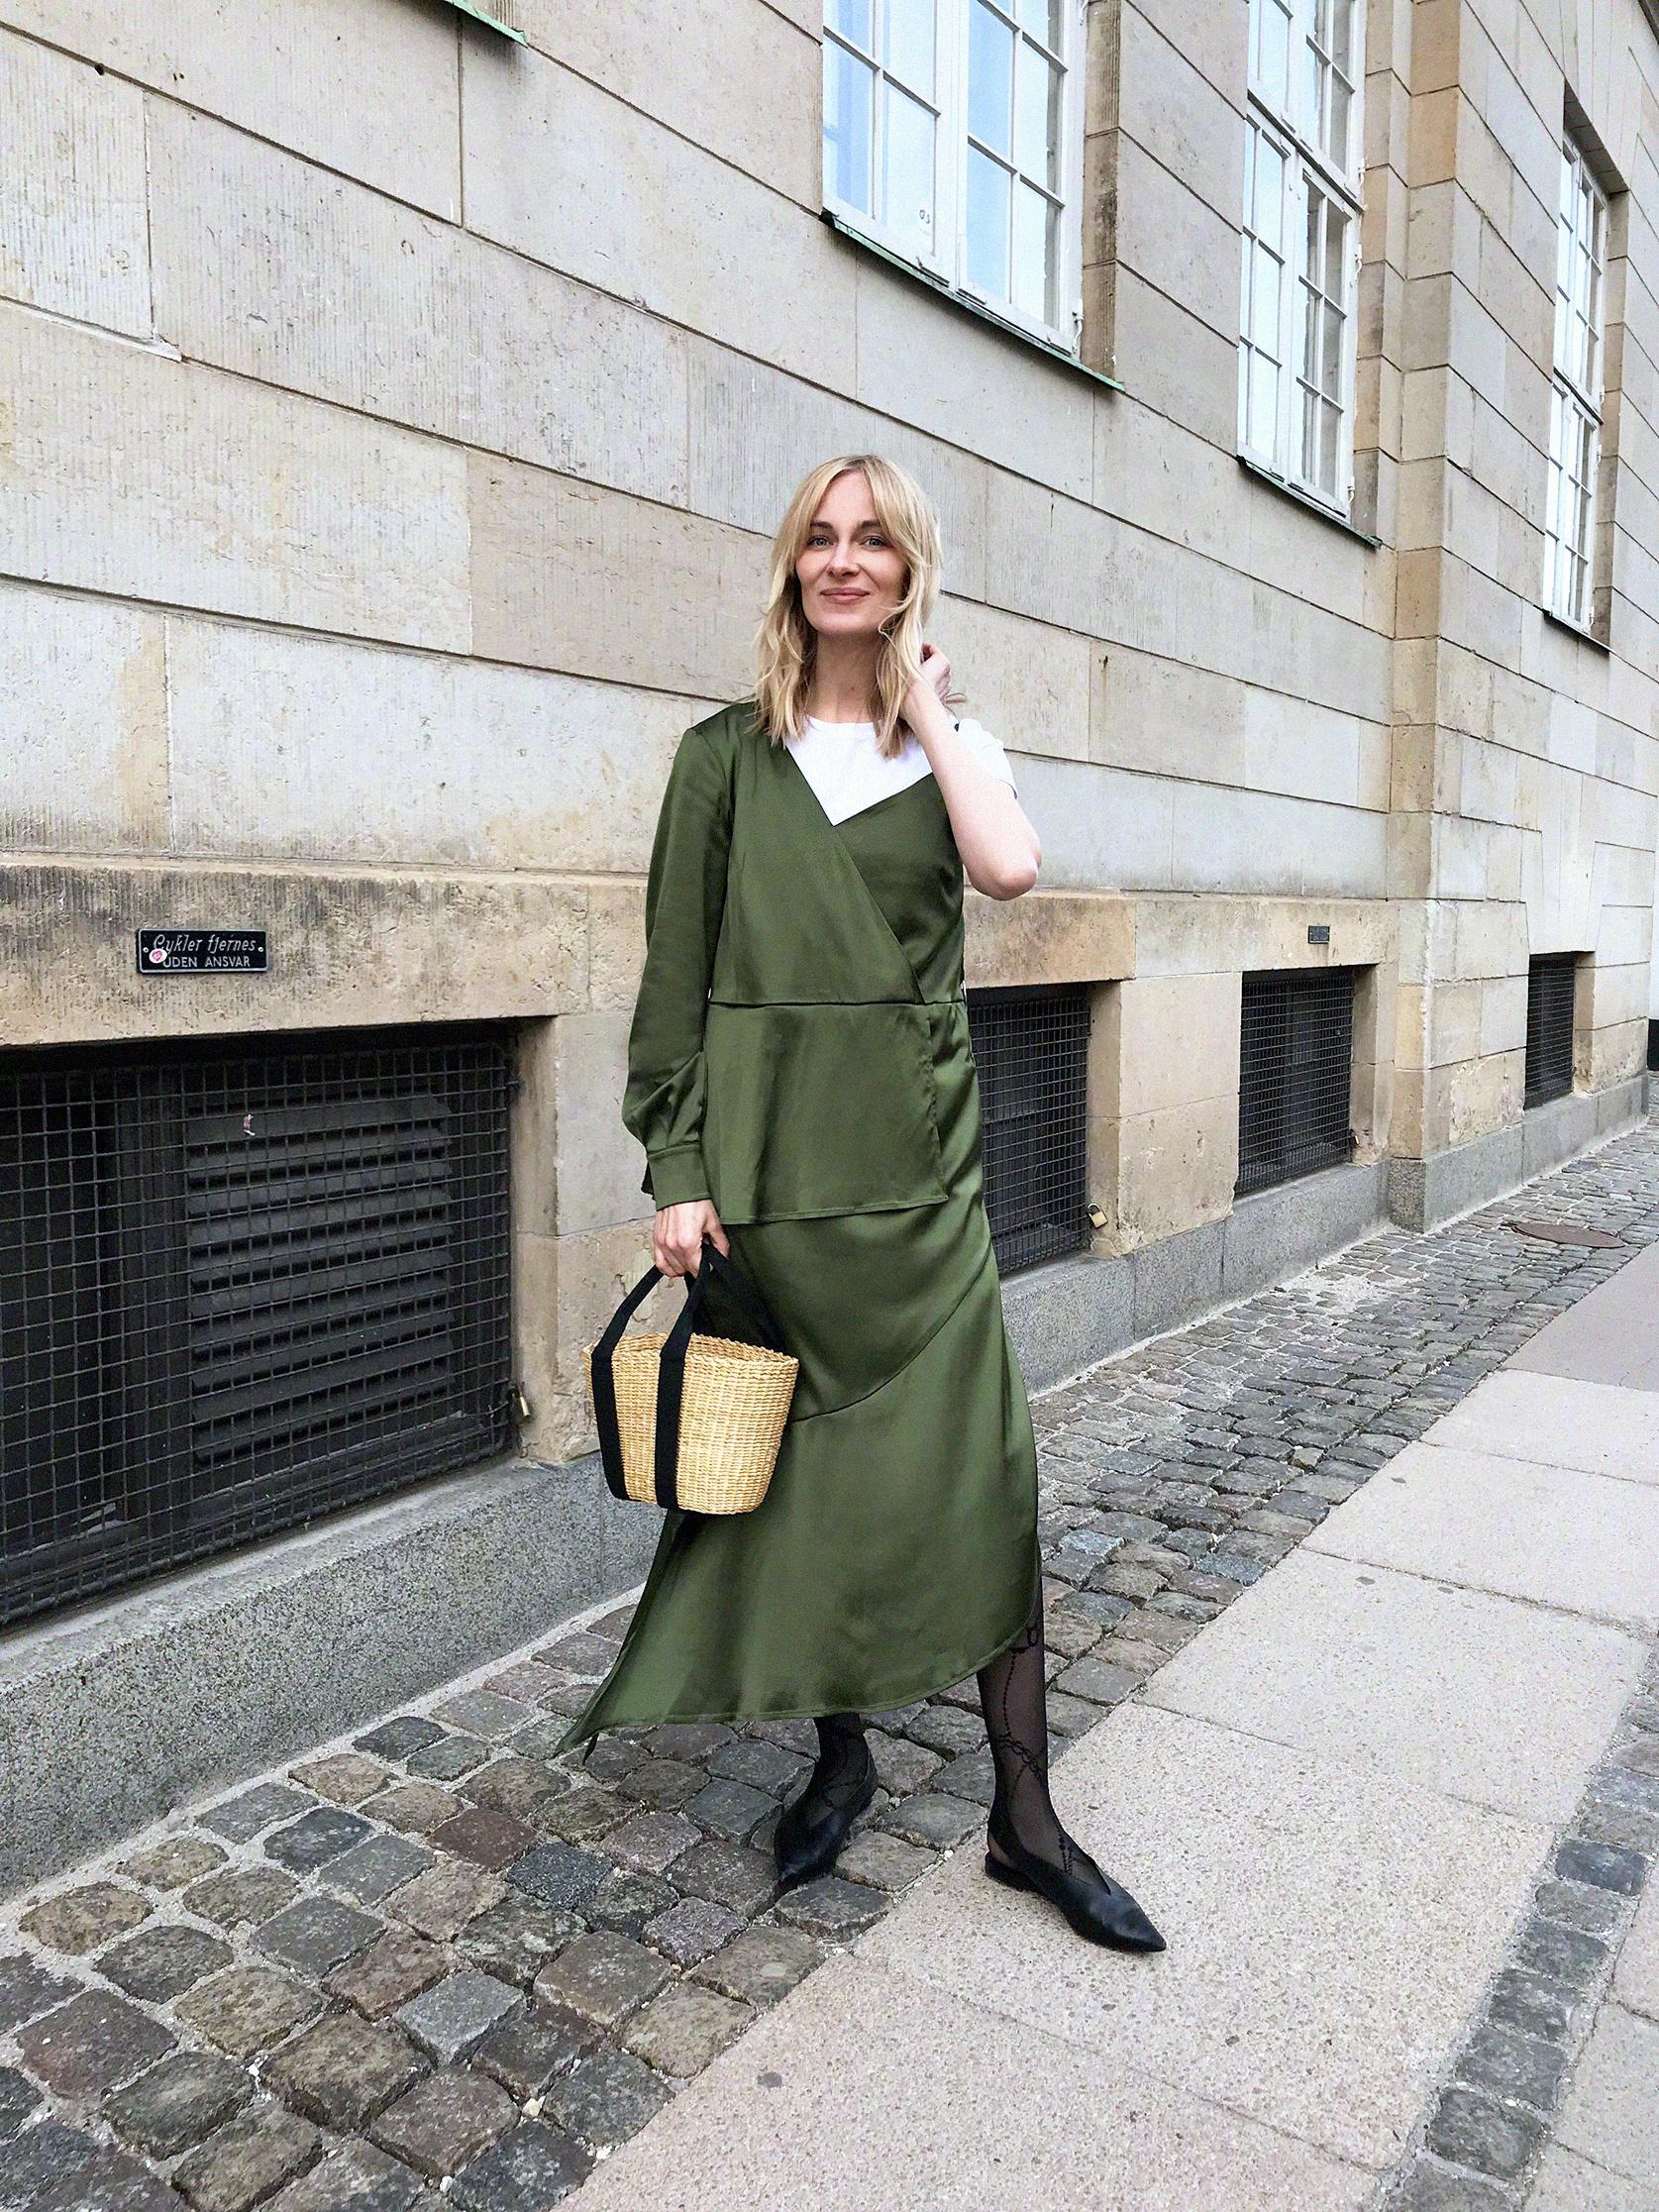 博主mariellehaon的夏日街头志,优雅大气的熟女穿搭示范。